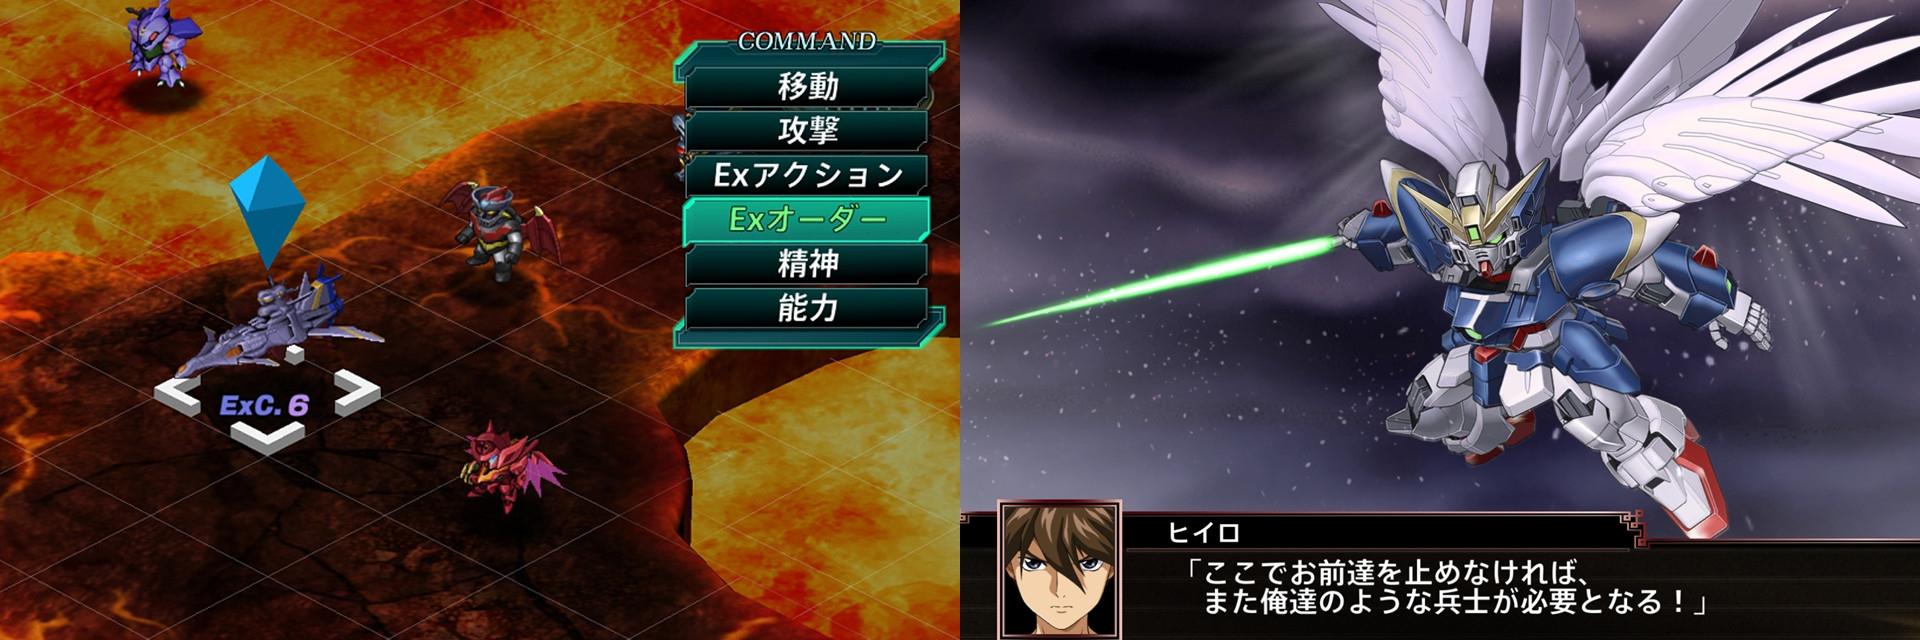 【講 GAME 話】龍神丸亂入鋼彈世界?《超級機器人大戰 X》實現跨動畫幻想 燃燒機械魂!